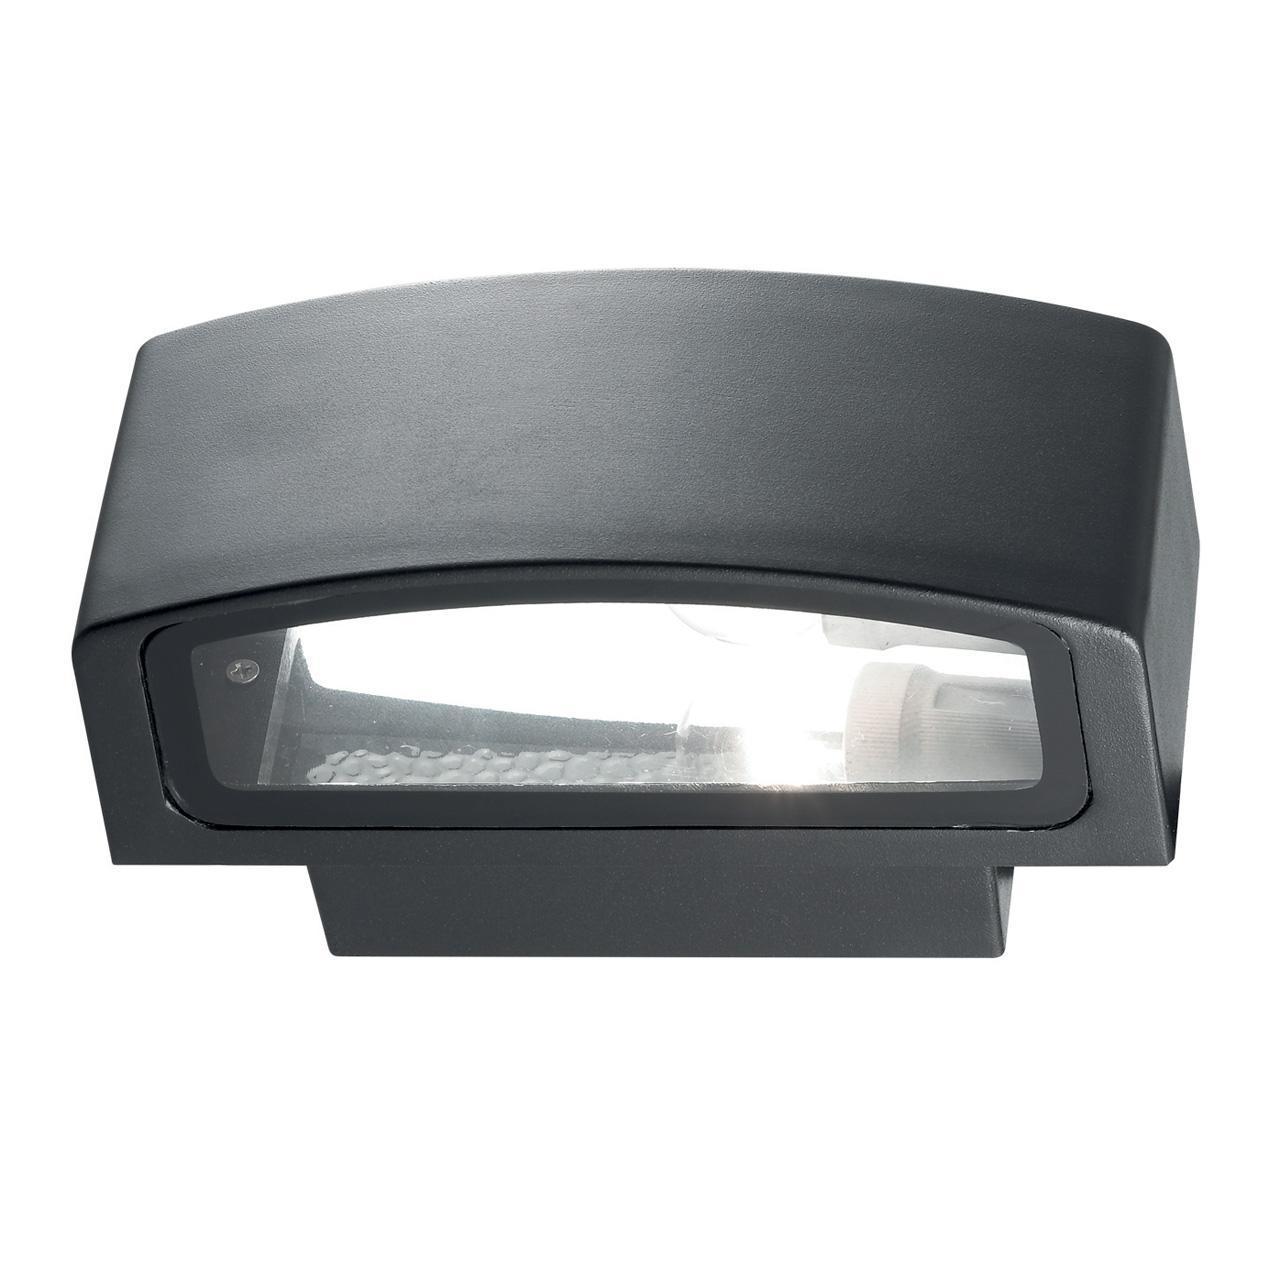 Уличный настенный светильник Ideal Lux Andromeda AP1 Nero ideal lux уличный настенный светильник ideal lux twin ap1 nero